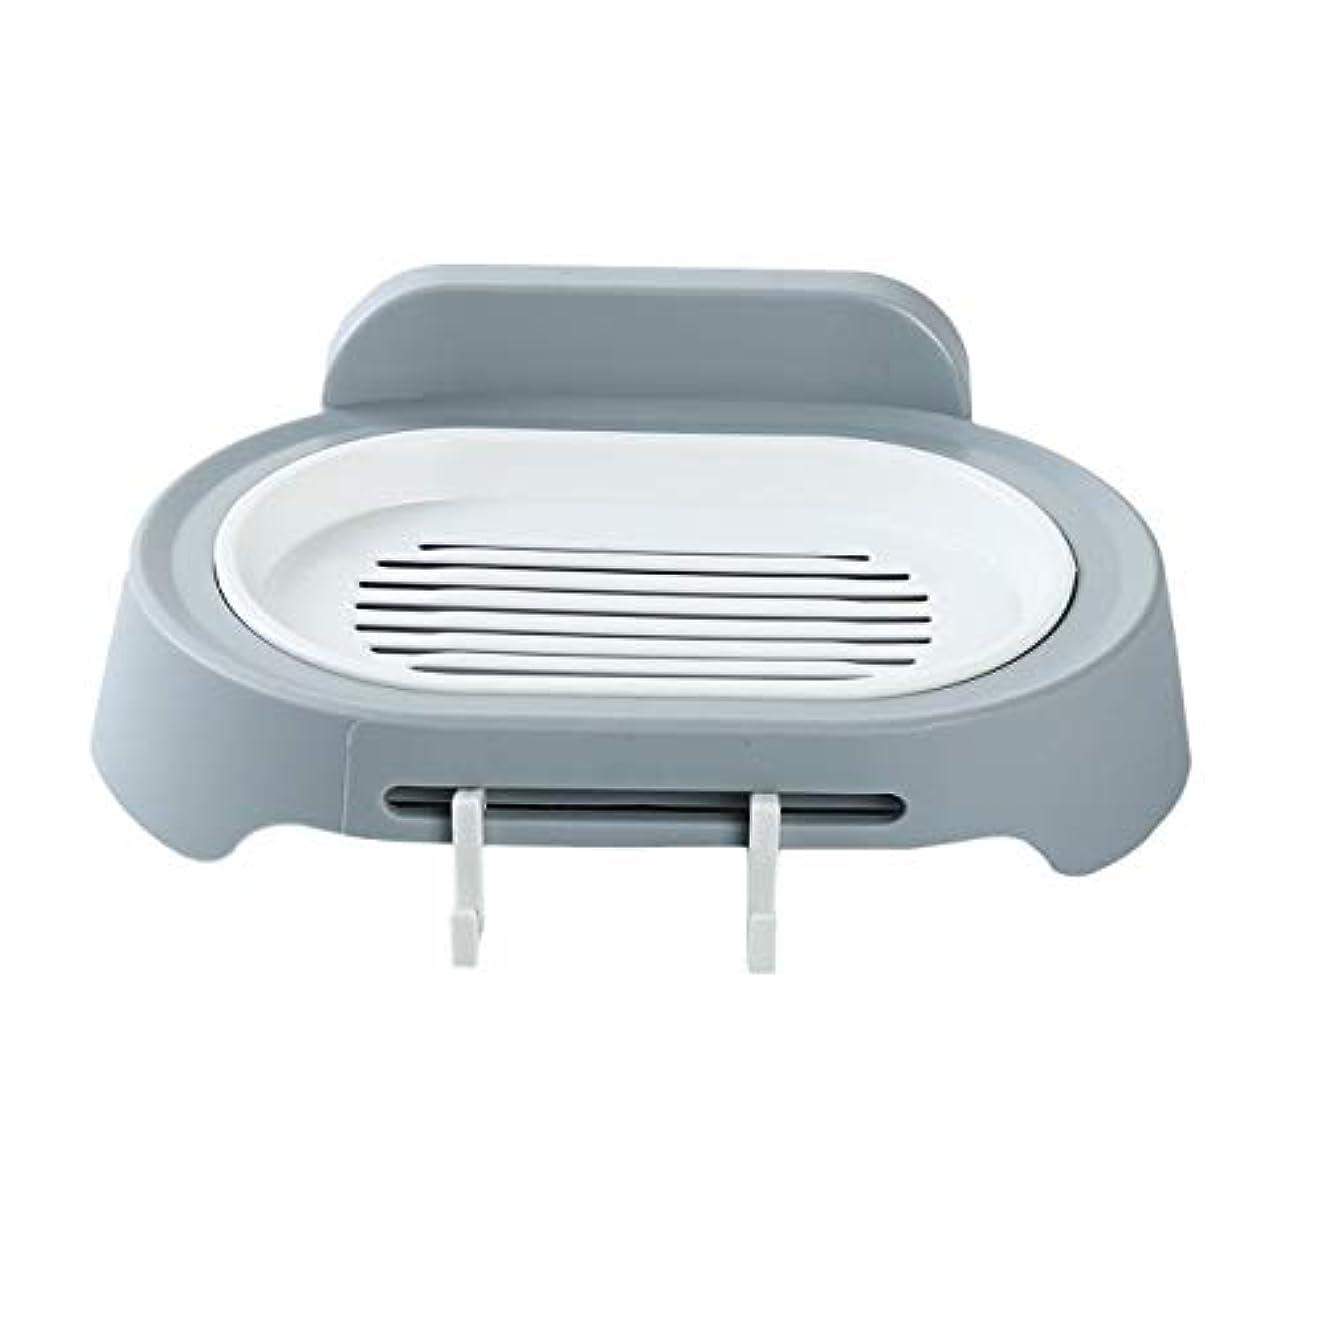 事業内容出力シャンプーZALING 灰色のホックが付いているの浴室の石鹸の貯蔵の吸引の壁に取り付けられた石鹸のオルガナイザー